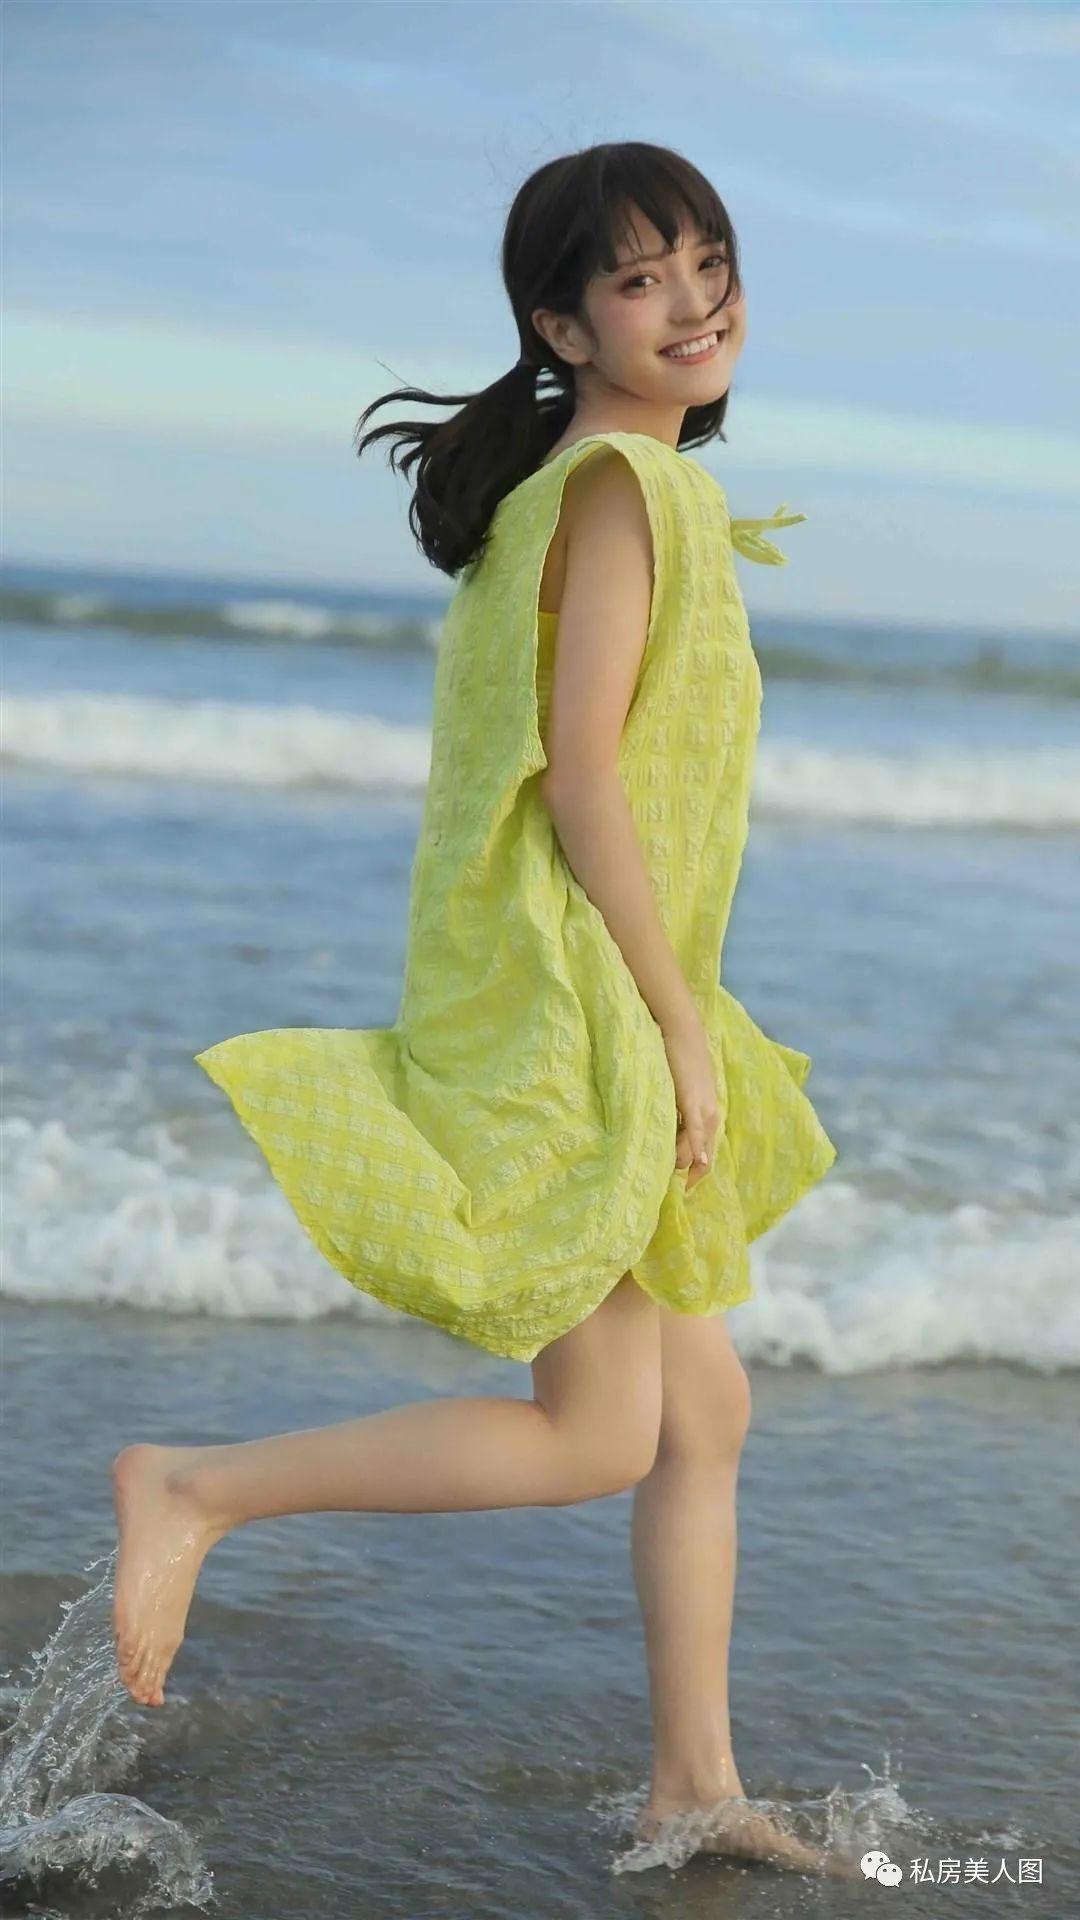 妹子摄影 – 双马尾连衣裙甜美少女的海边日记_图片 No.5